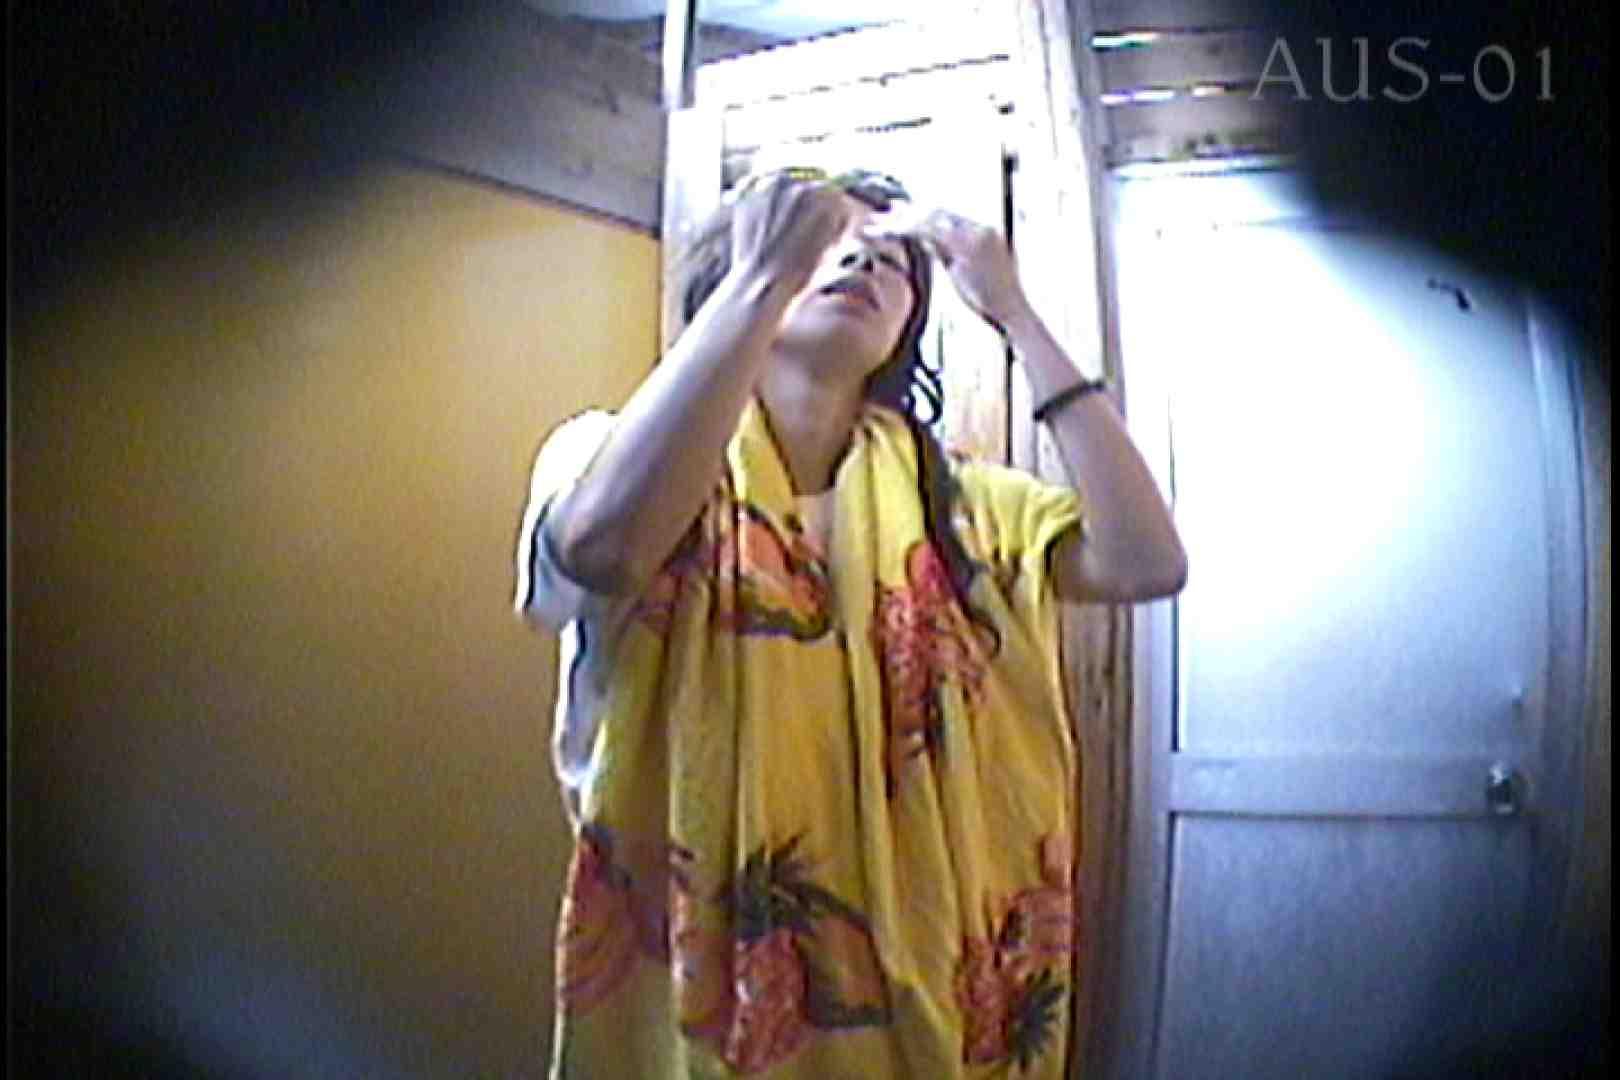 海の家の更衣室 Vol.01 シャワー  88pic 9